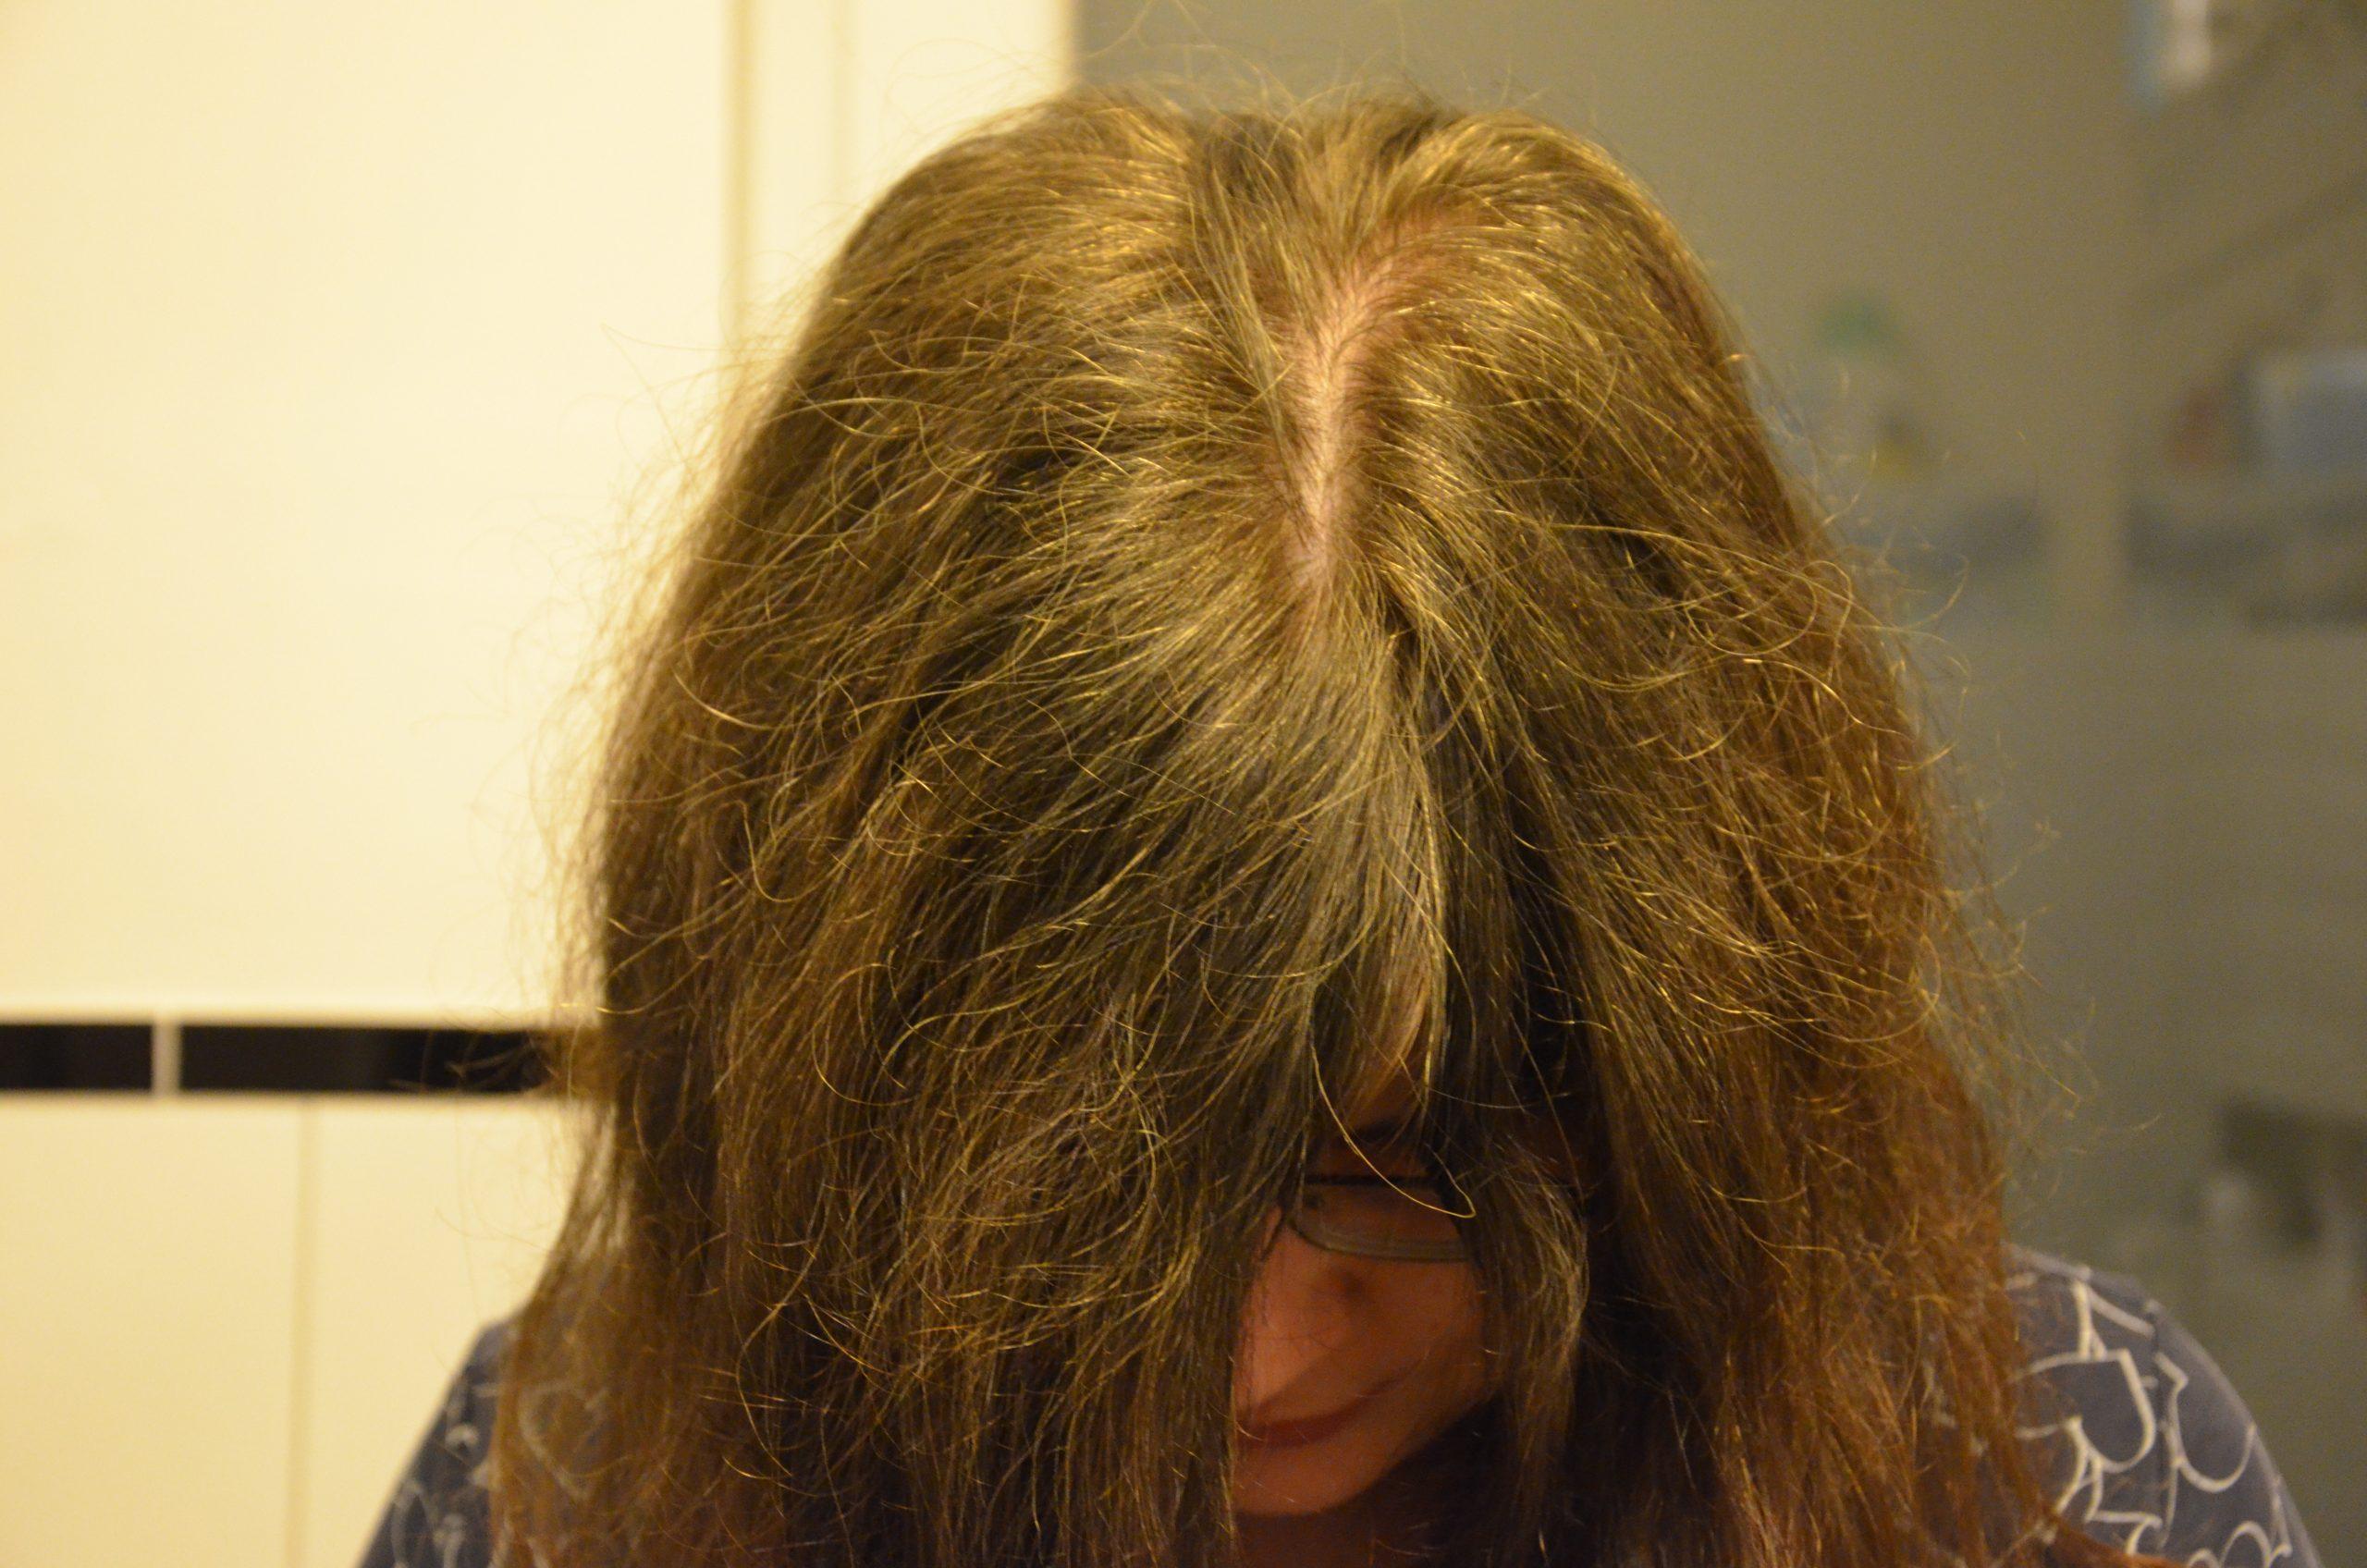 Gegen Das Grau Und Für Mehr Farbe In Meinem Haar - Lavendelblog bei Haare Färben Wie Das Grau Verschwindet